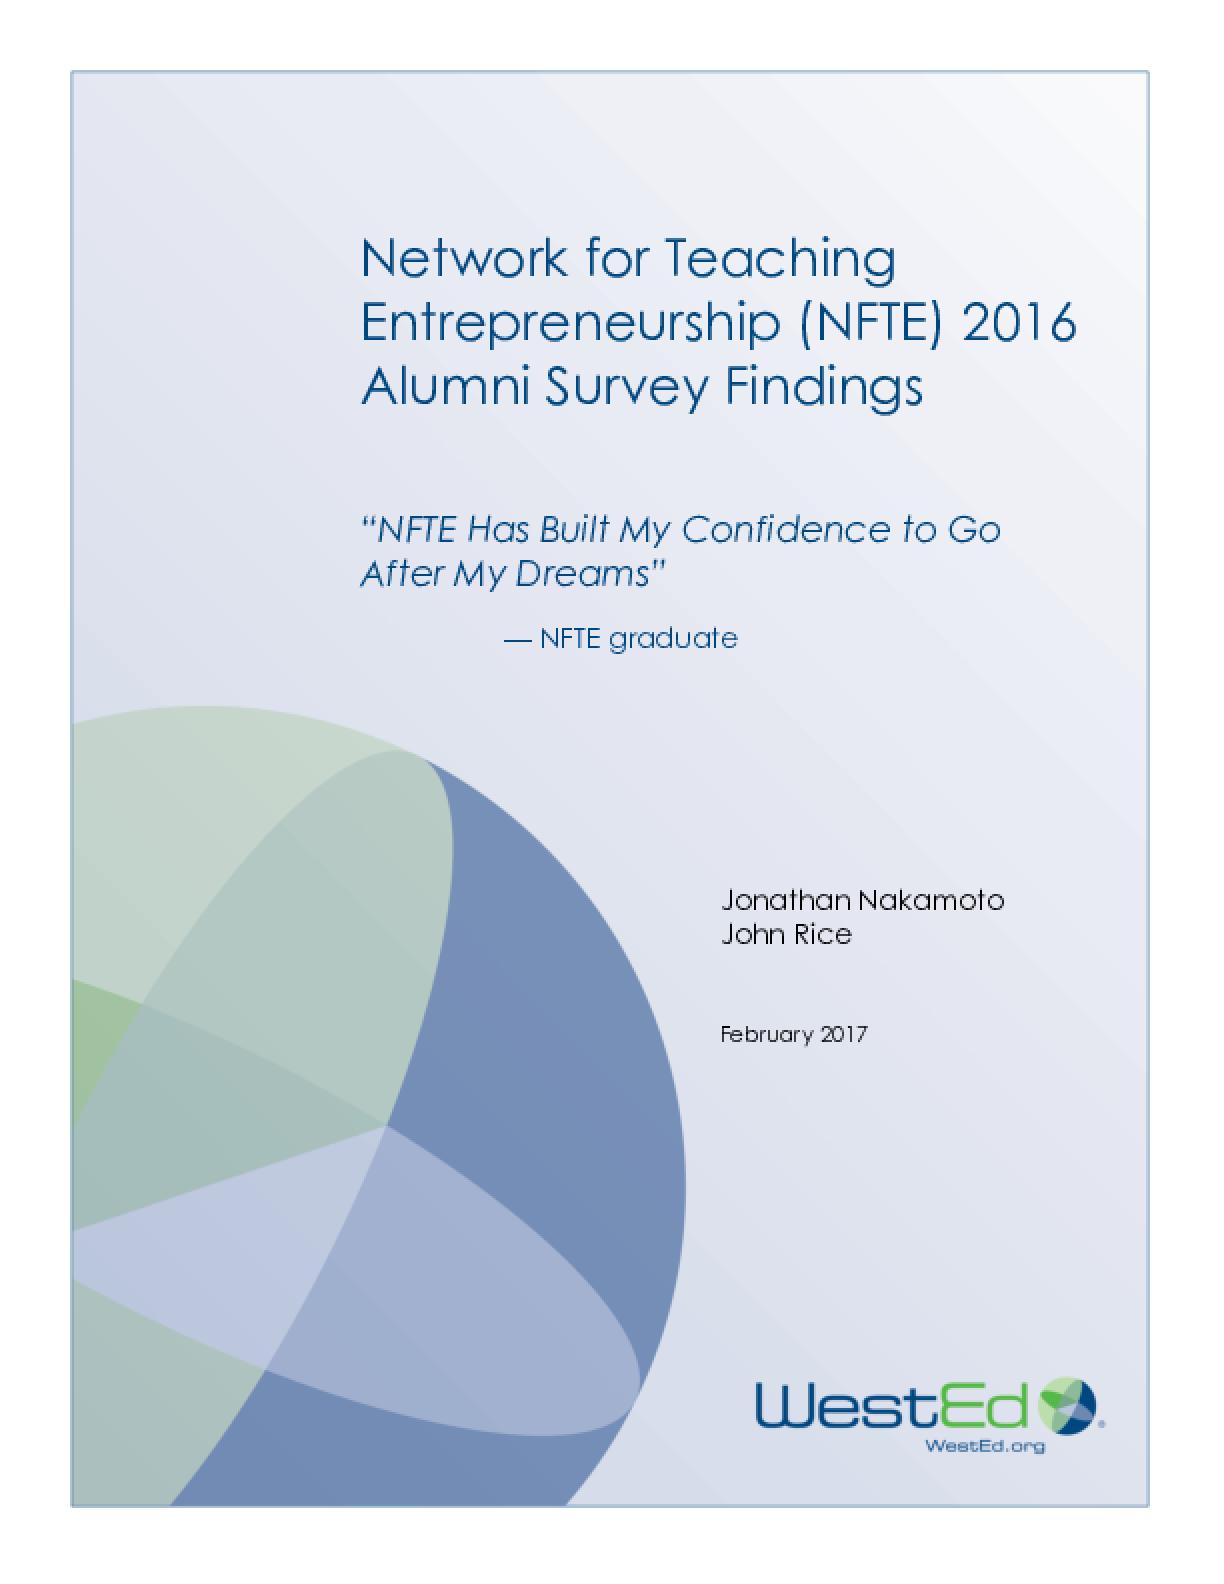 Network for Teaching Entrepreneurship (NFTE) 2016 Alumni Survey Findings